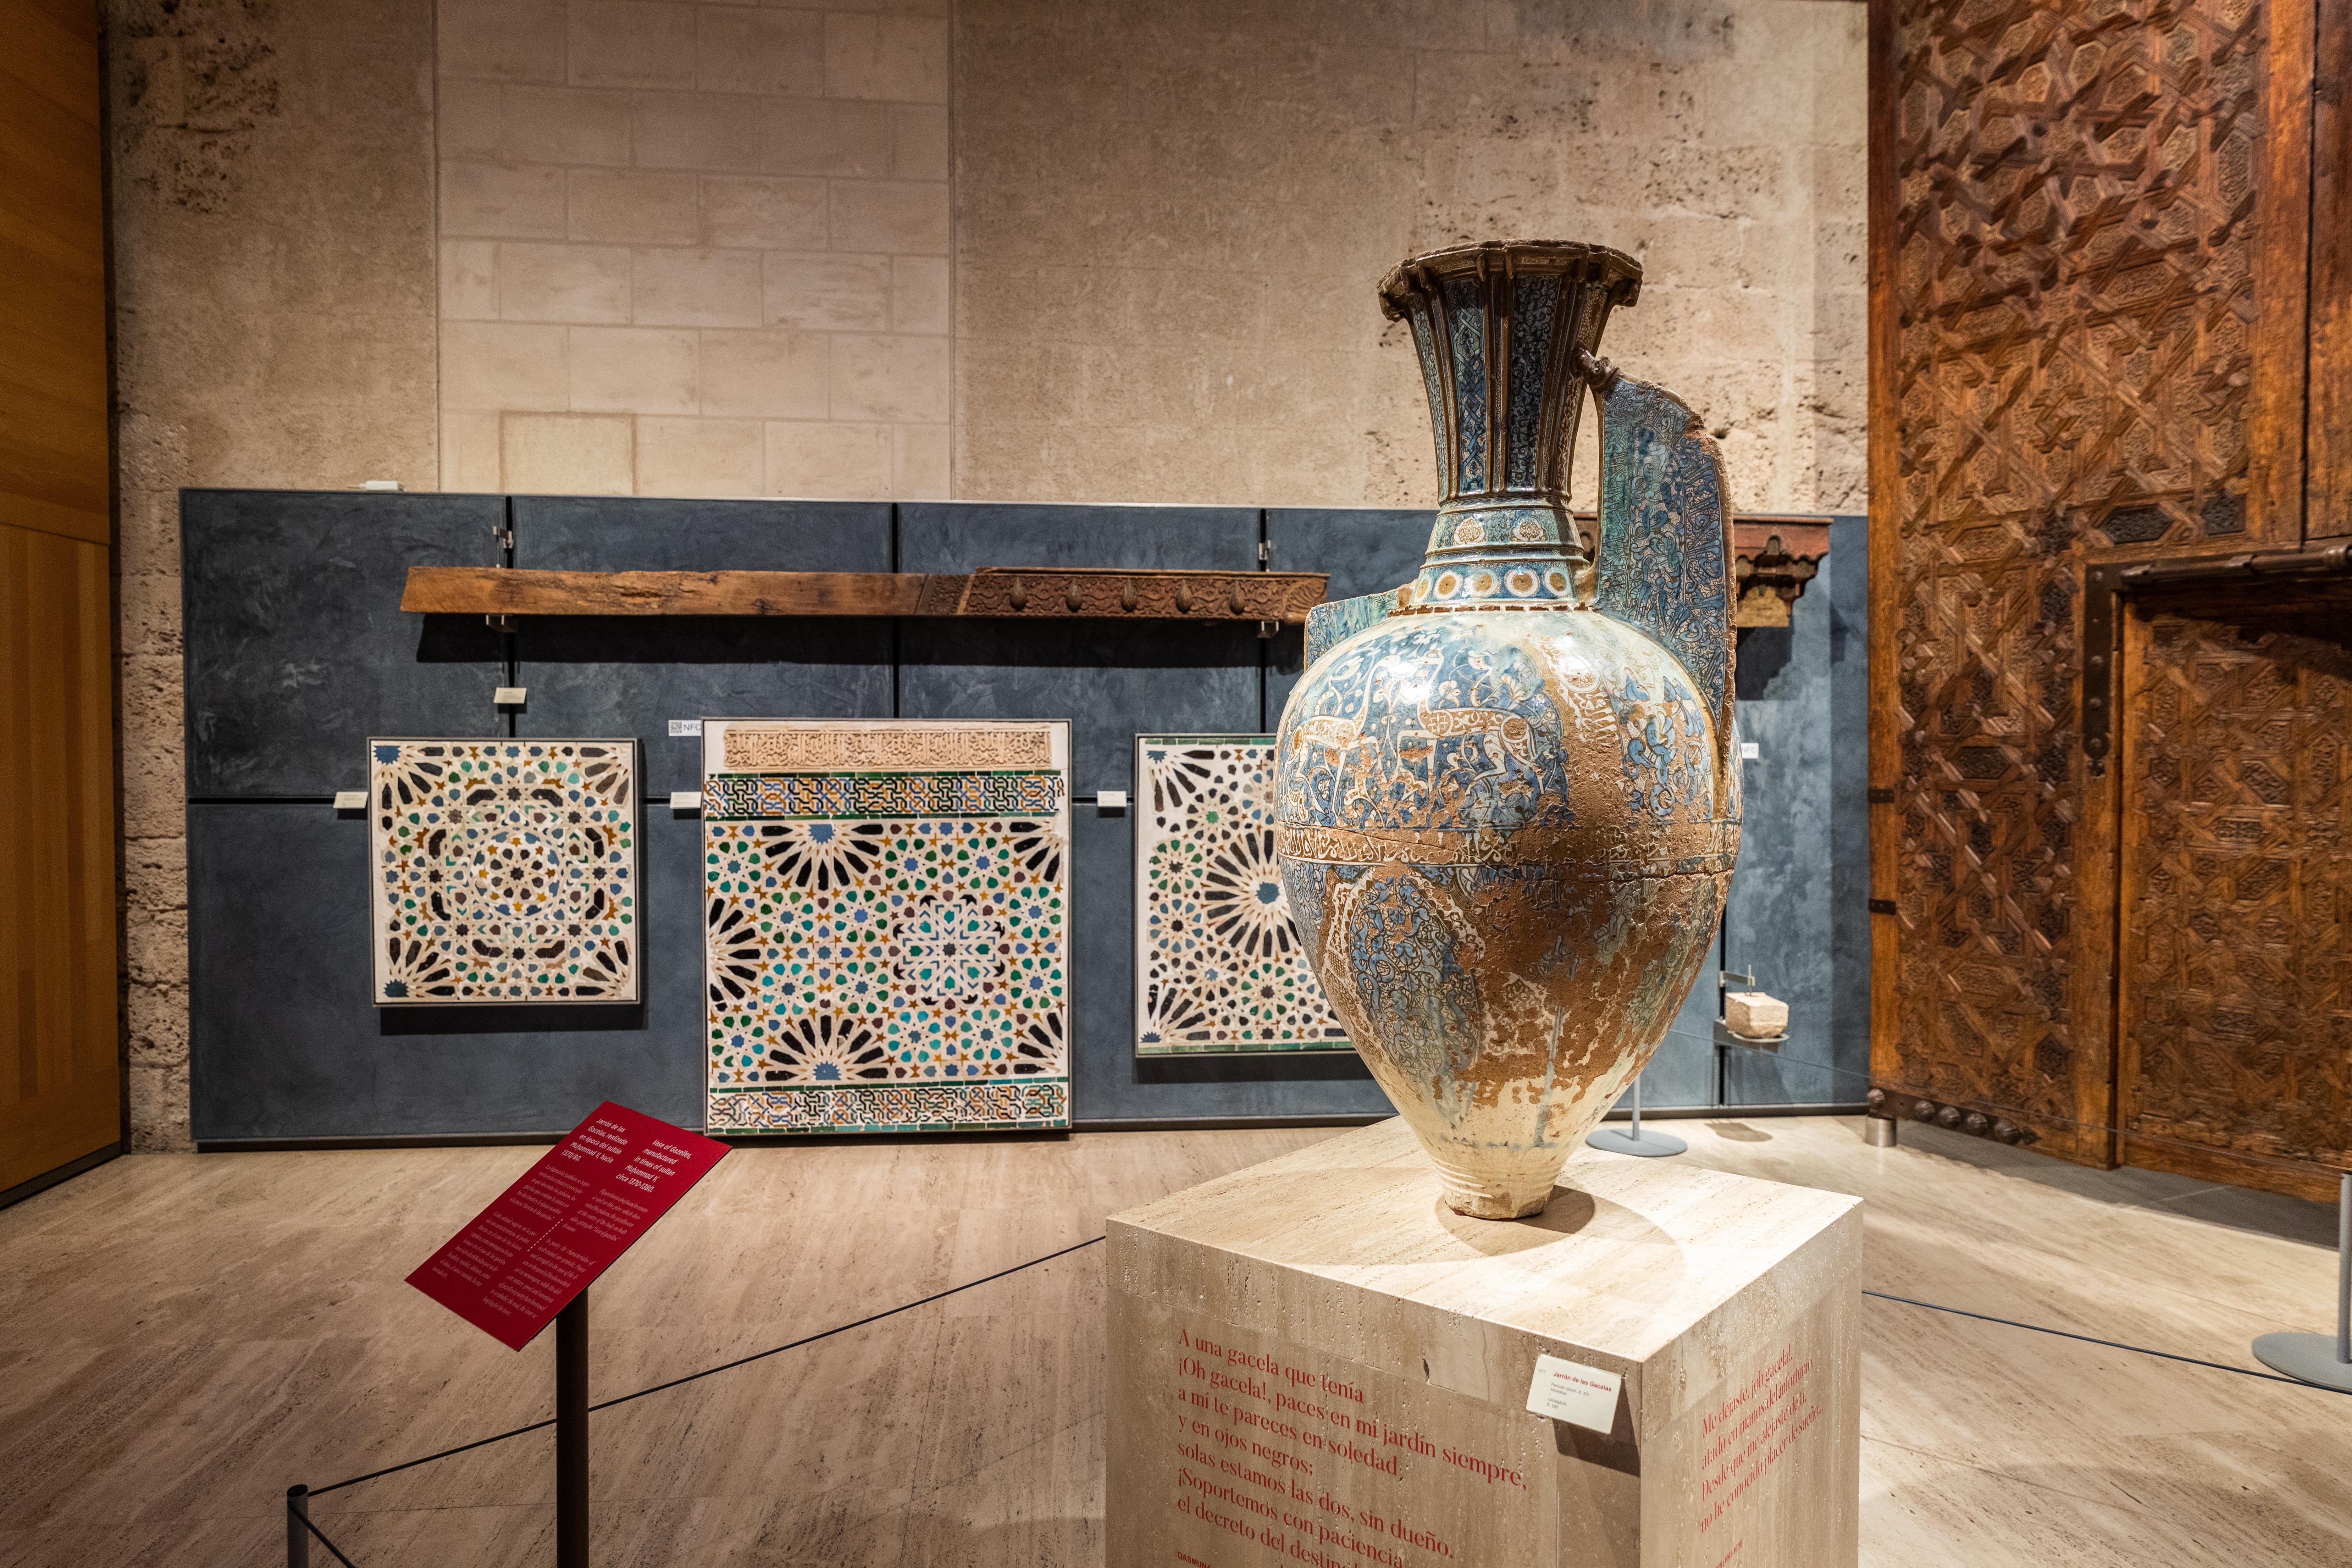 Visita virtual al Museo de la Alhambra: descubre el arte nazarí desde casa